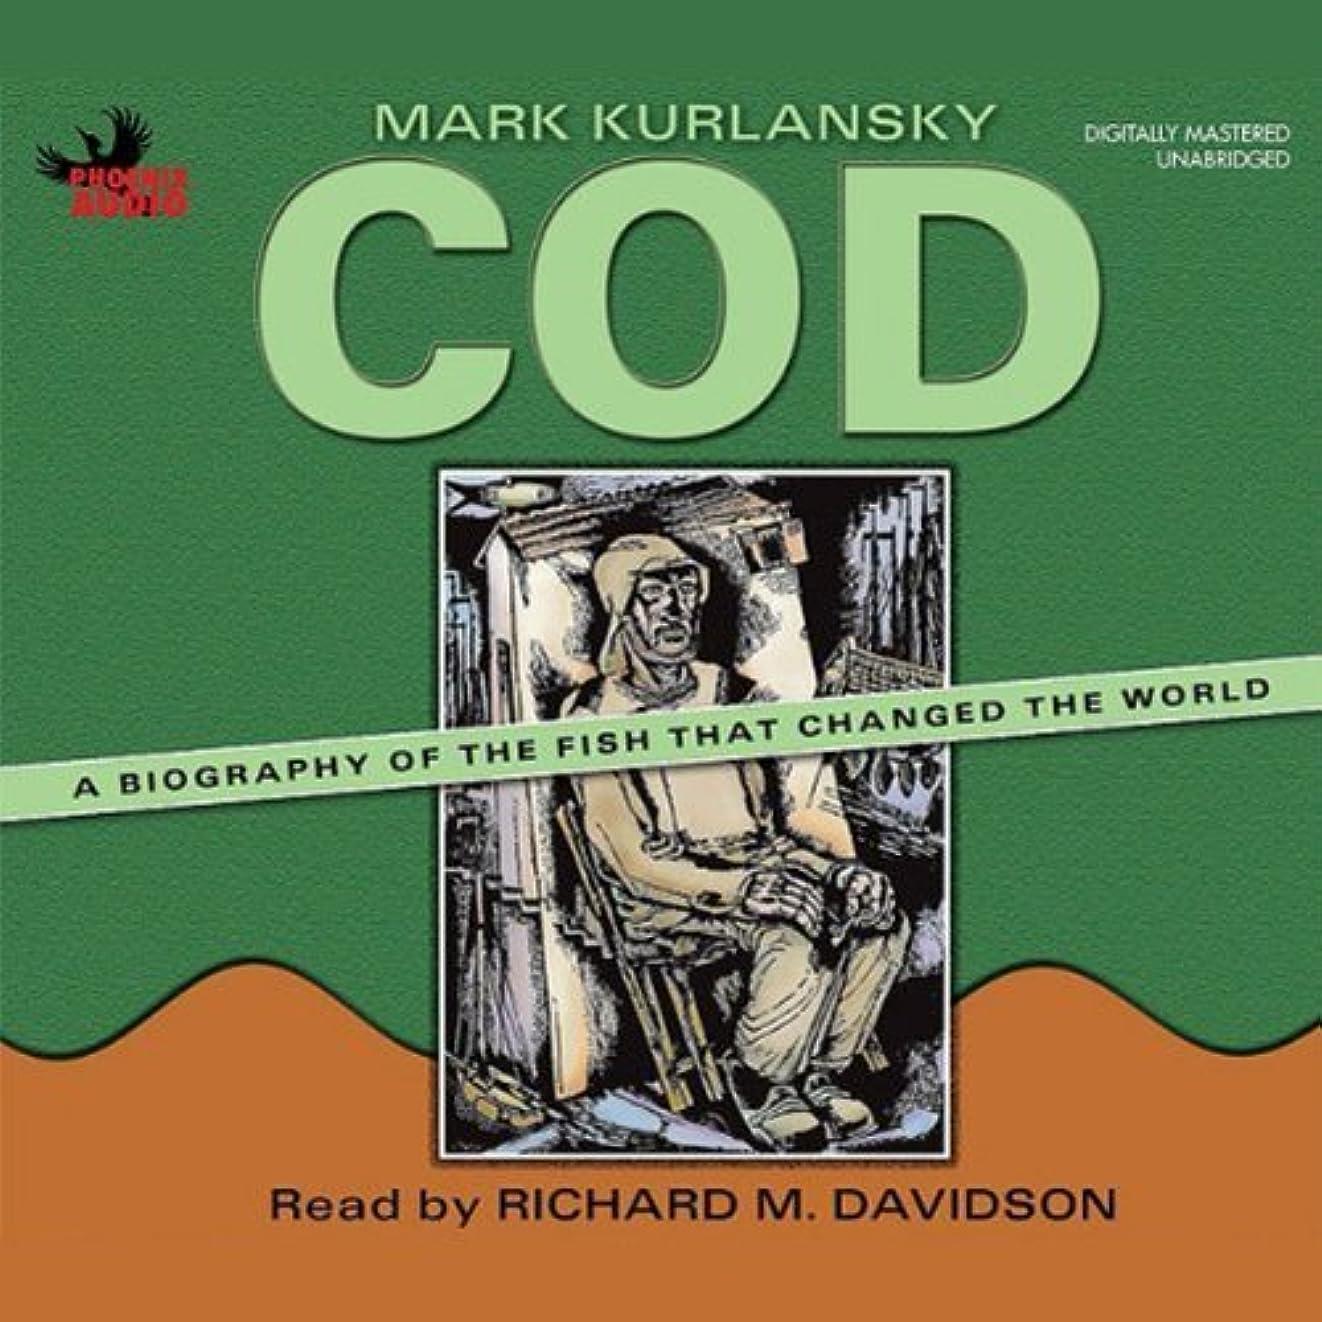 フォークユーザーモードリンCod: A Biography of the Fish that Changed the World